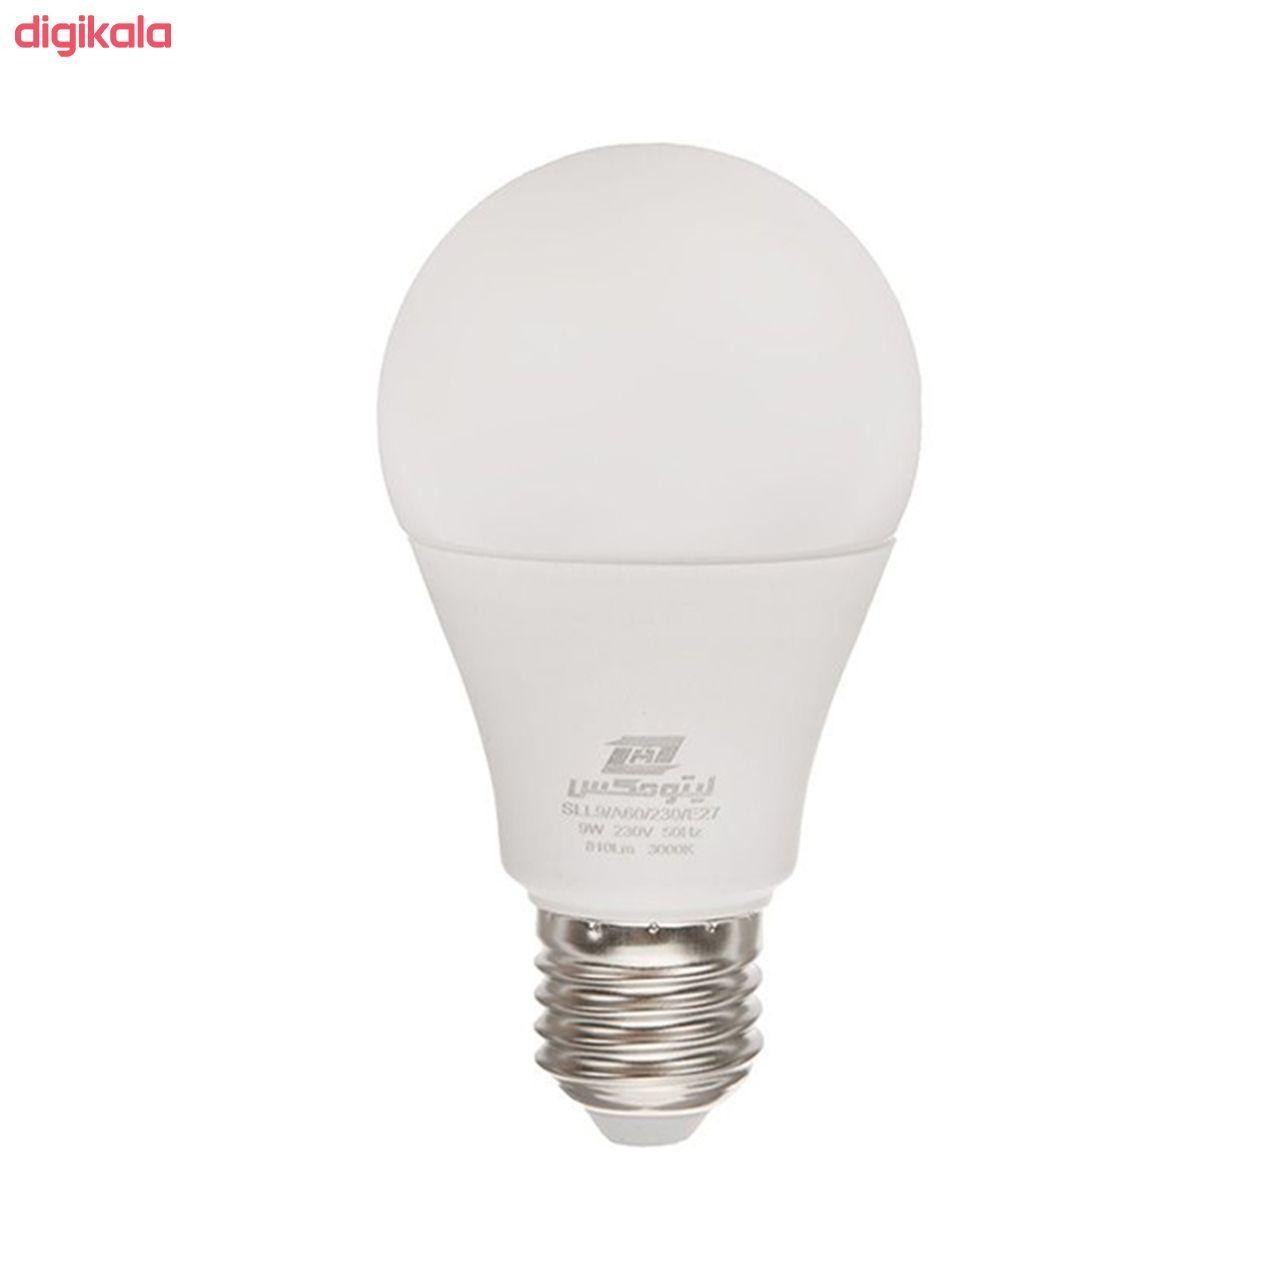 لامپ ال ای دی 9 وات لیتومکس مدل 001 پایه E27 بسته 3 عددی main 1 1